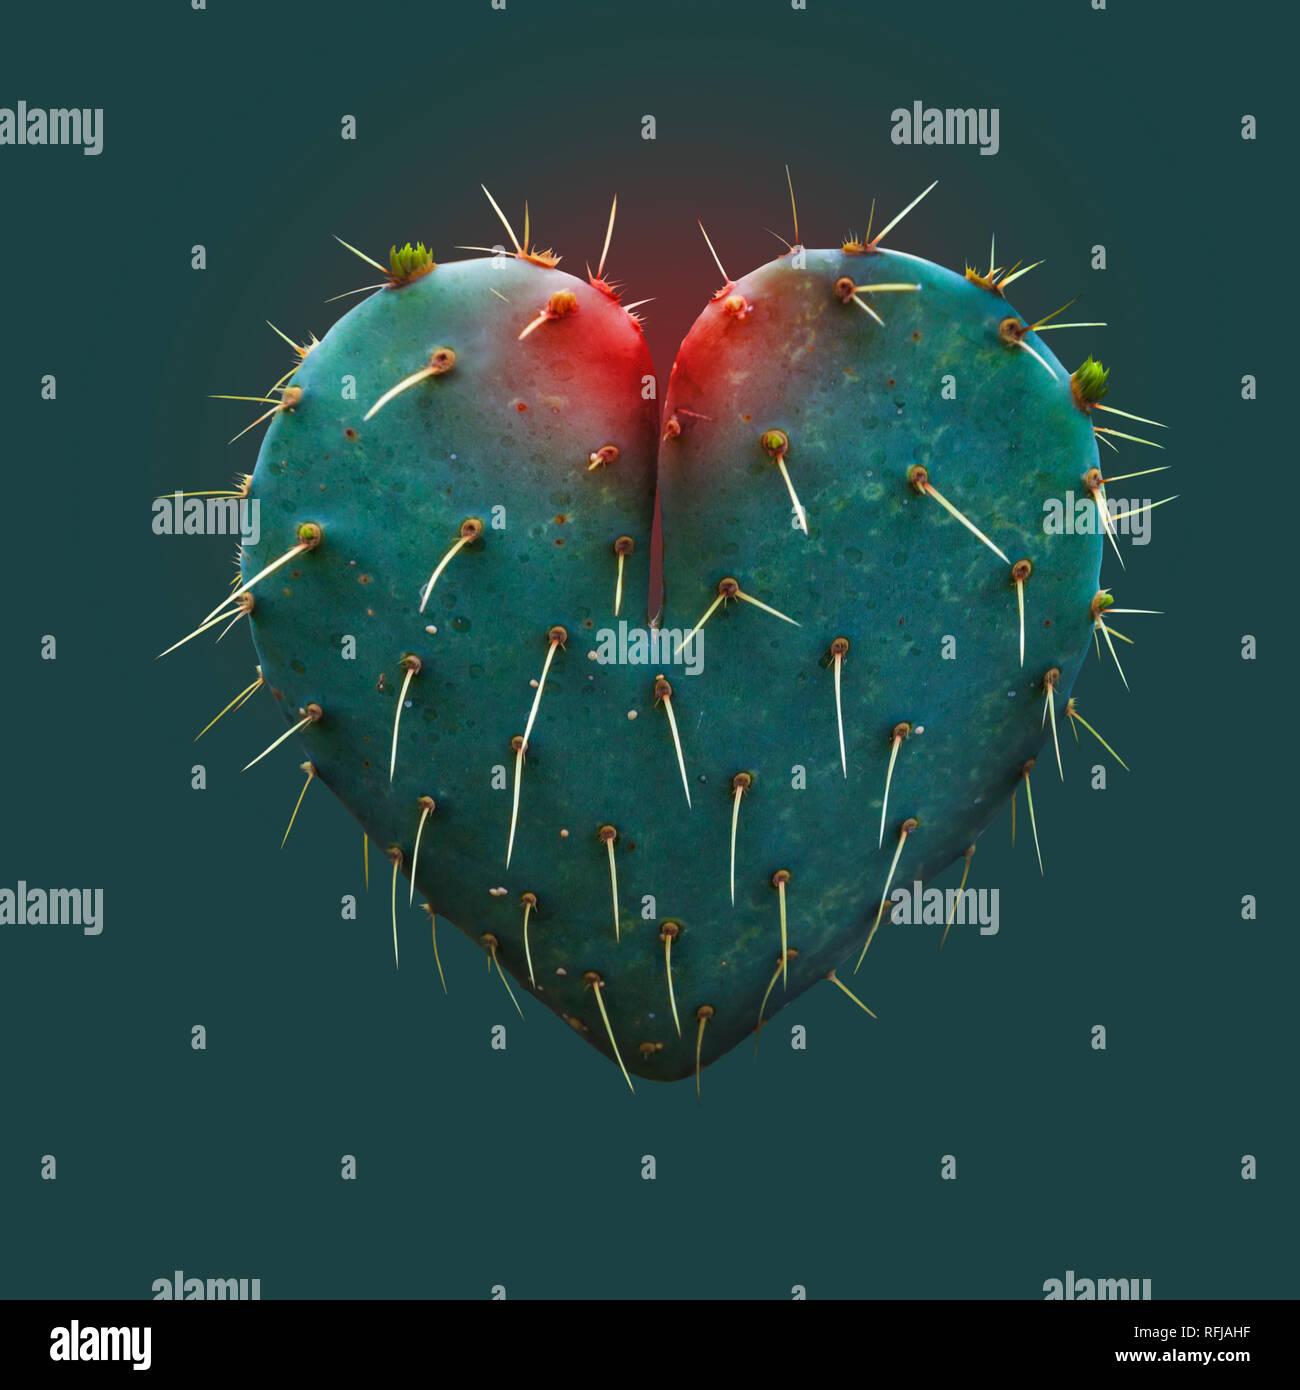 Feuilles de cactus en forme de Cœur - symbole de l'amour - l'espoir - Concept Photo Stock